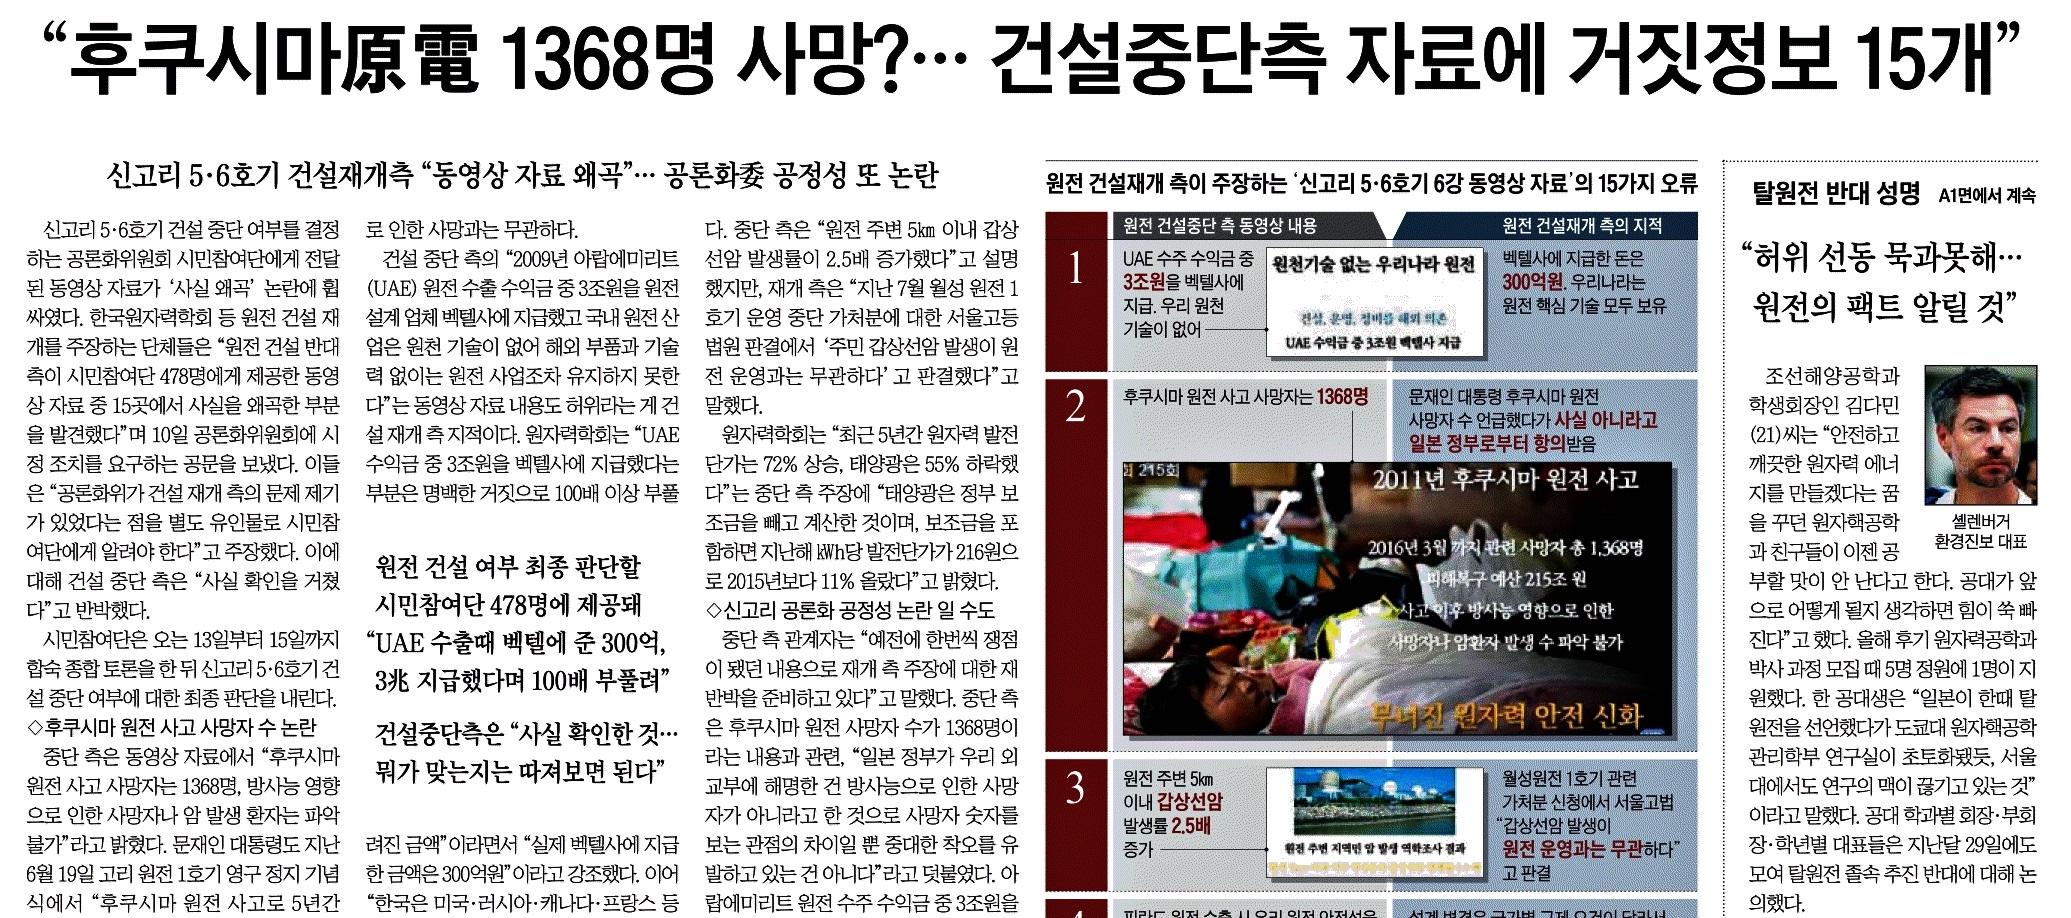 조선 탈핵 팩트.jpg